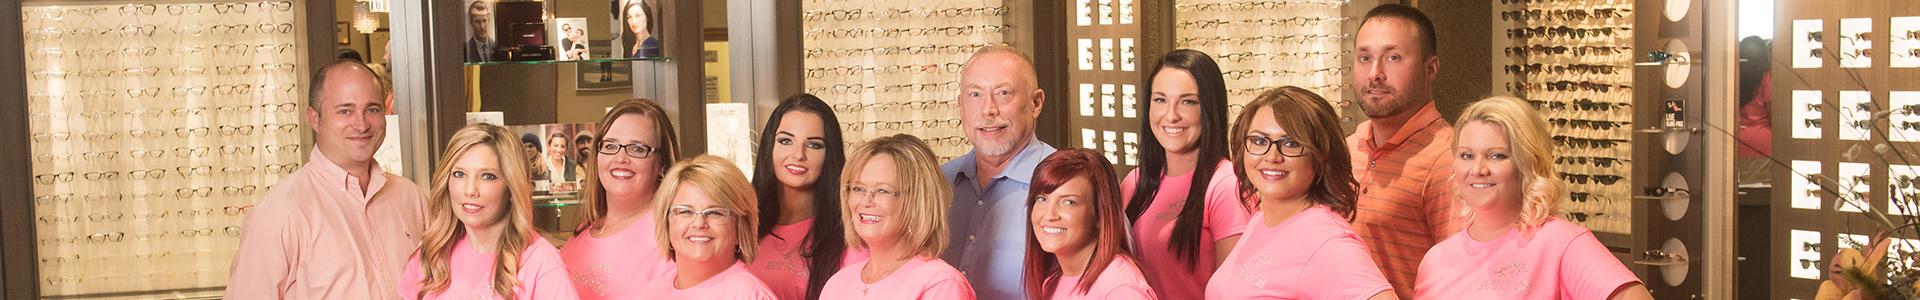 white-eye-care-logan-wv-family-eye-care-eye-exams-designer-frames-sunglasses-contacts-banner